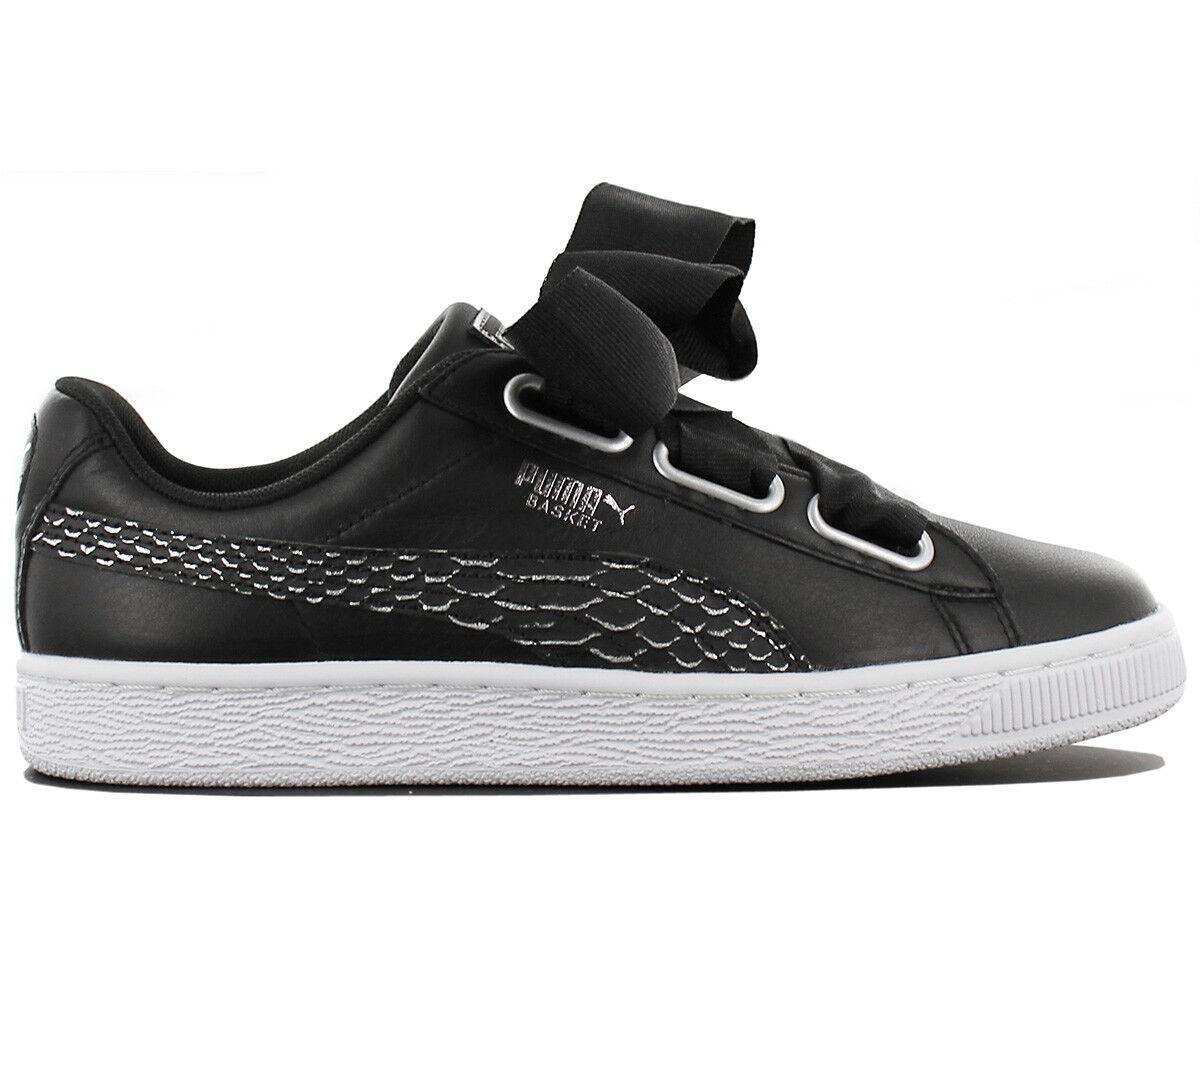 Puma Basket Cuore Oceanaire Scarpe scarpe da ginnastica Scarpe da Ginnastica Nere 366443-01